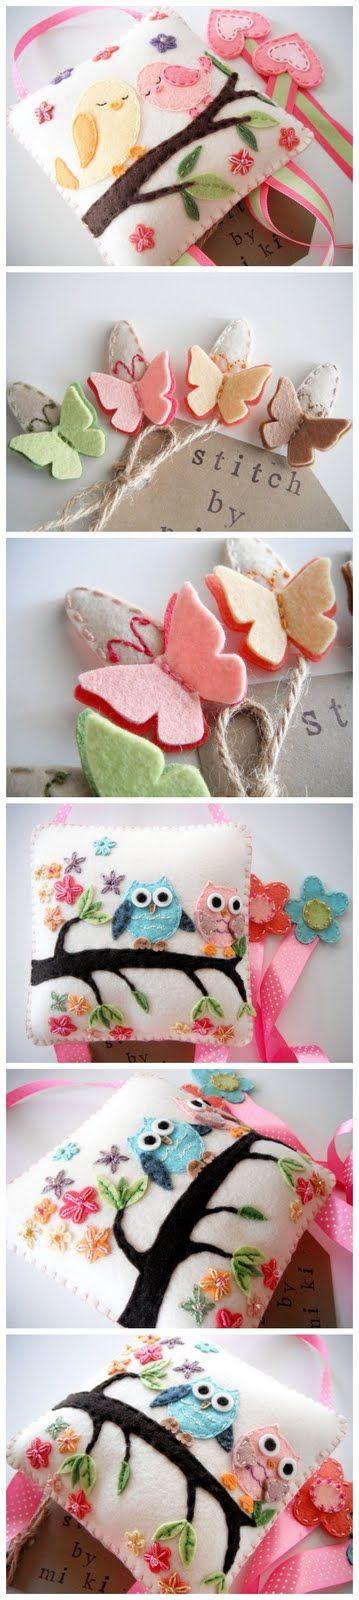 MiiMii - rękodzieło dla mamy i córki.: Inspiracje do moich bukietów.